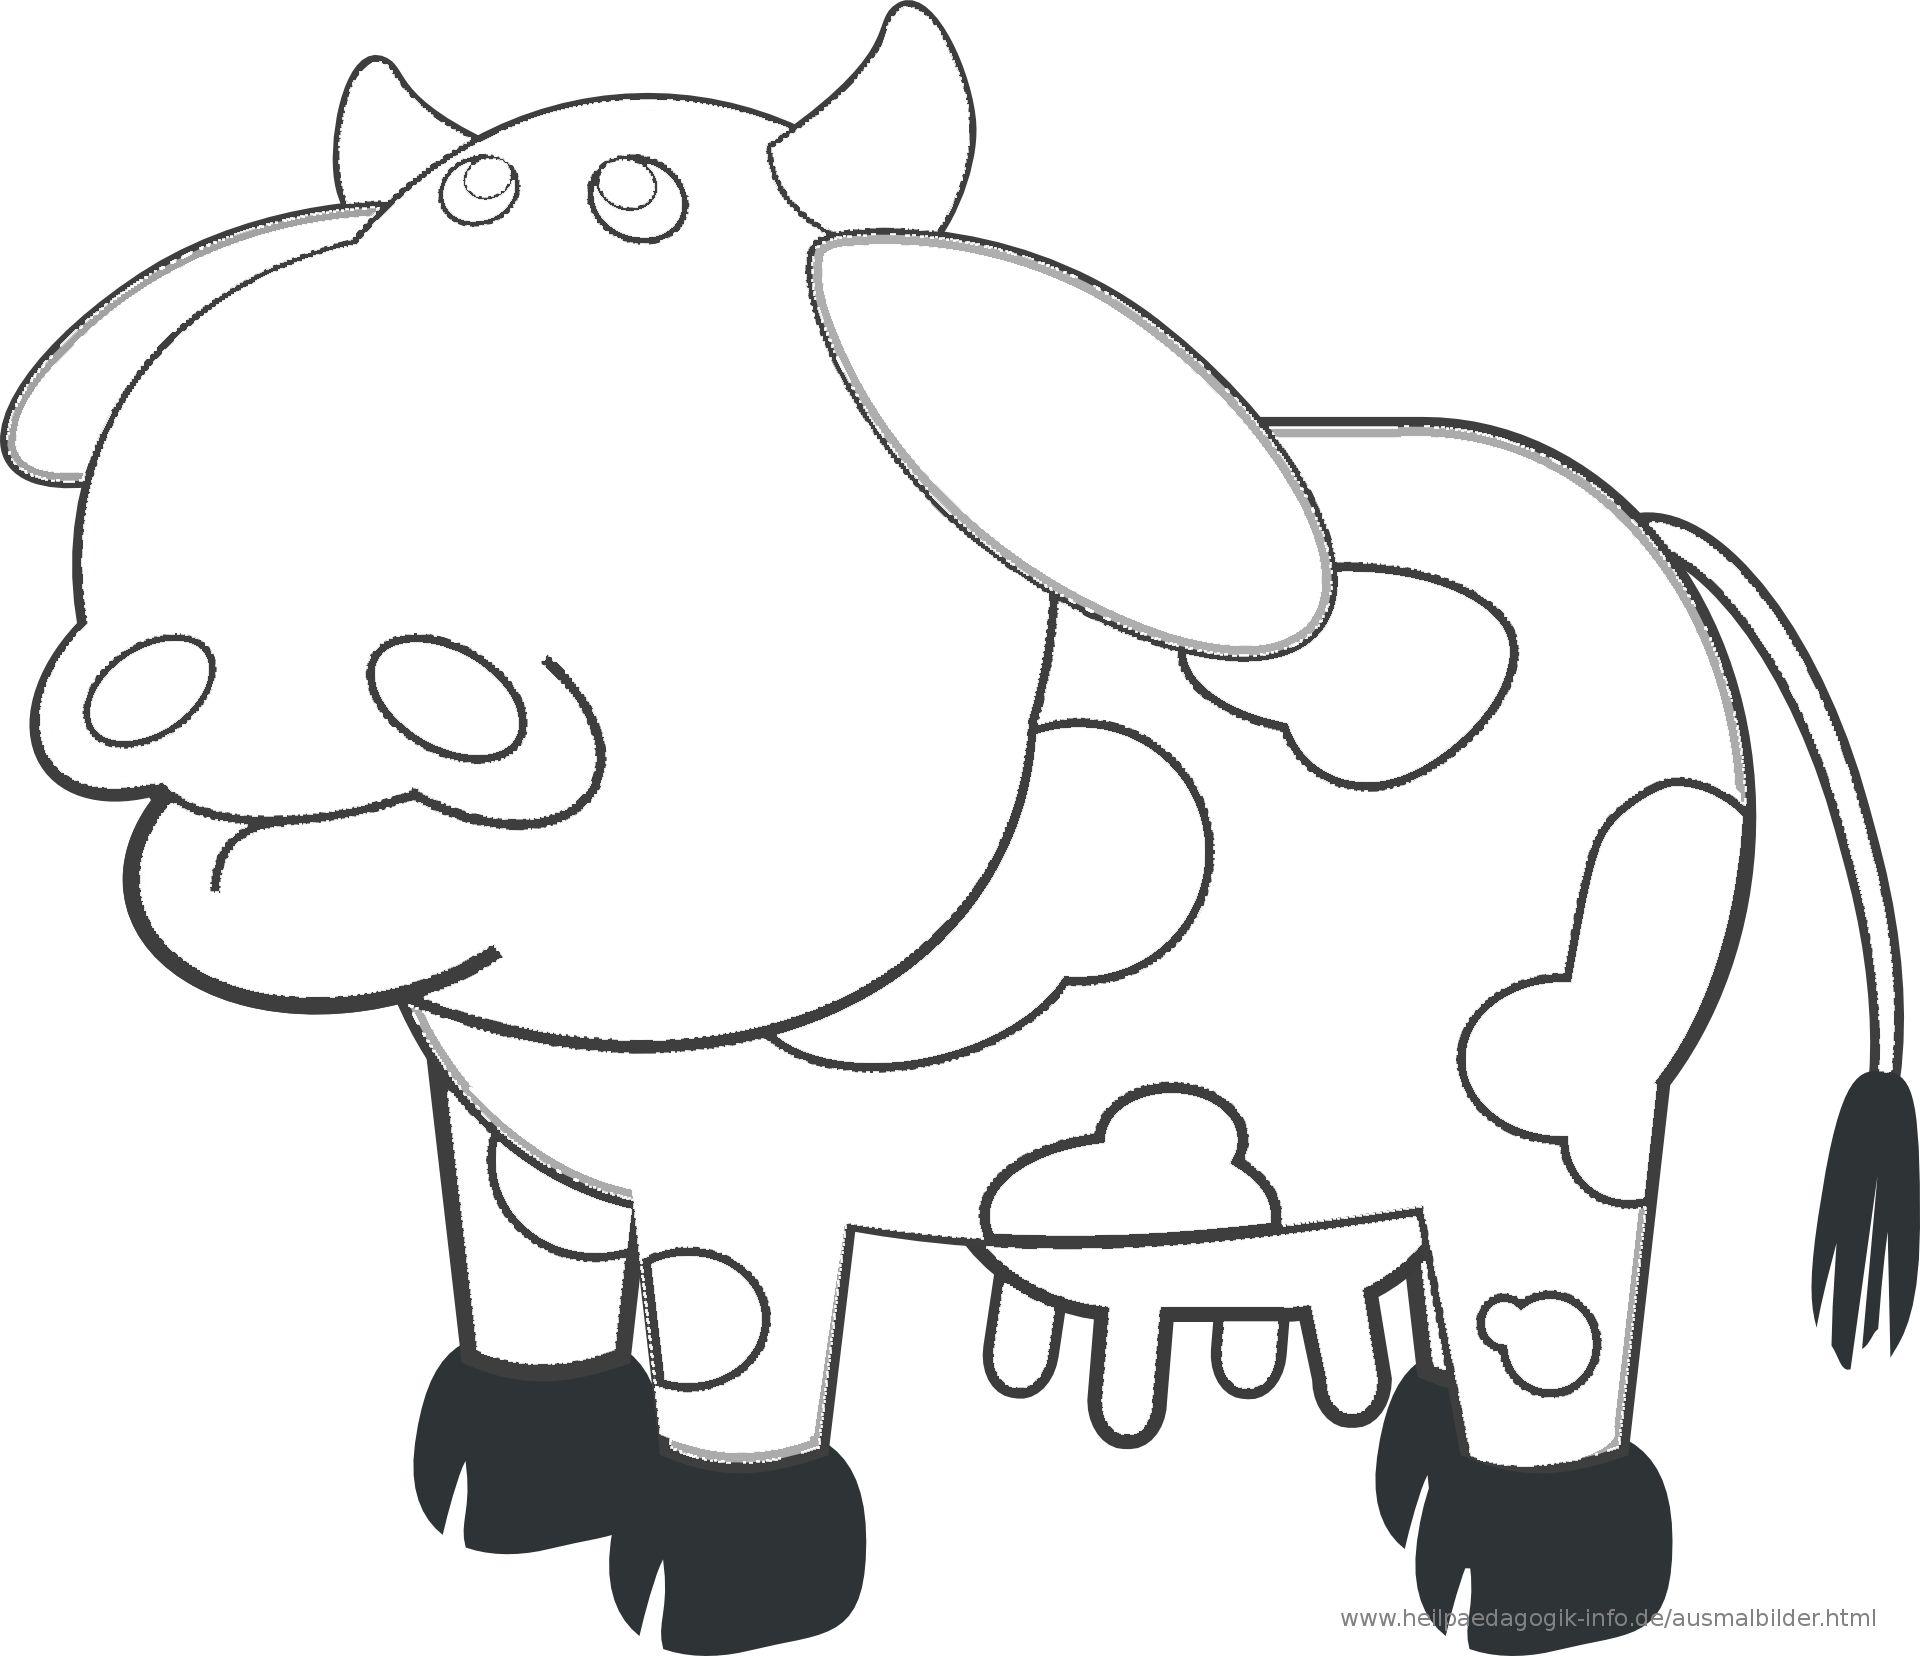 30 Beste Malvorlage Kuh Begriff 30 in 30  Kuh, Malvorlagen